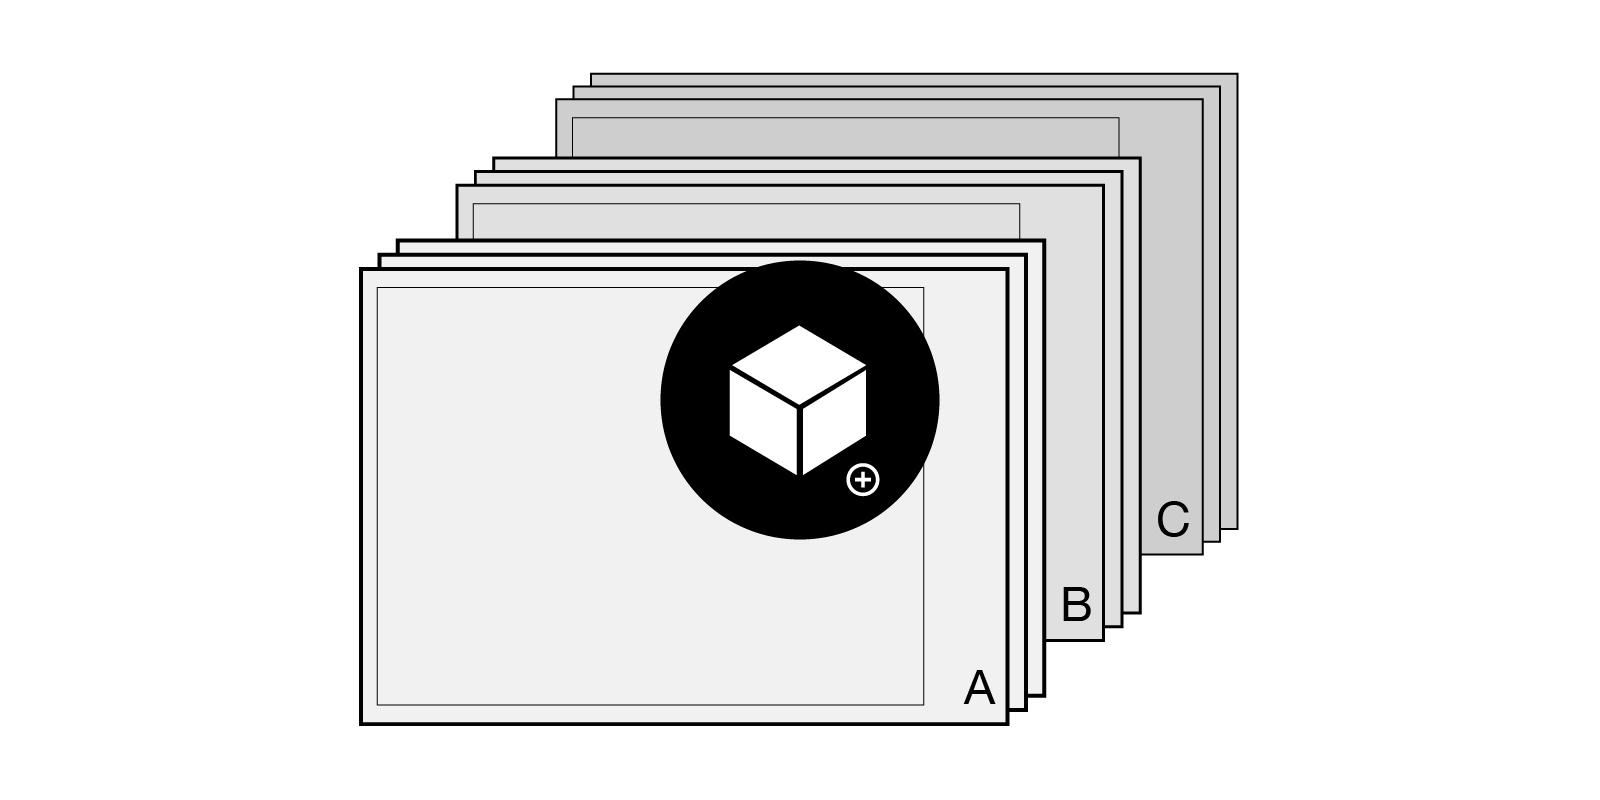 Create Sheet Sets